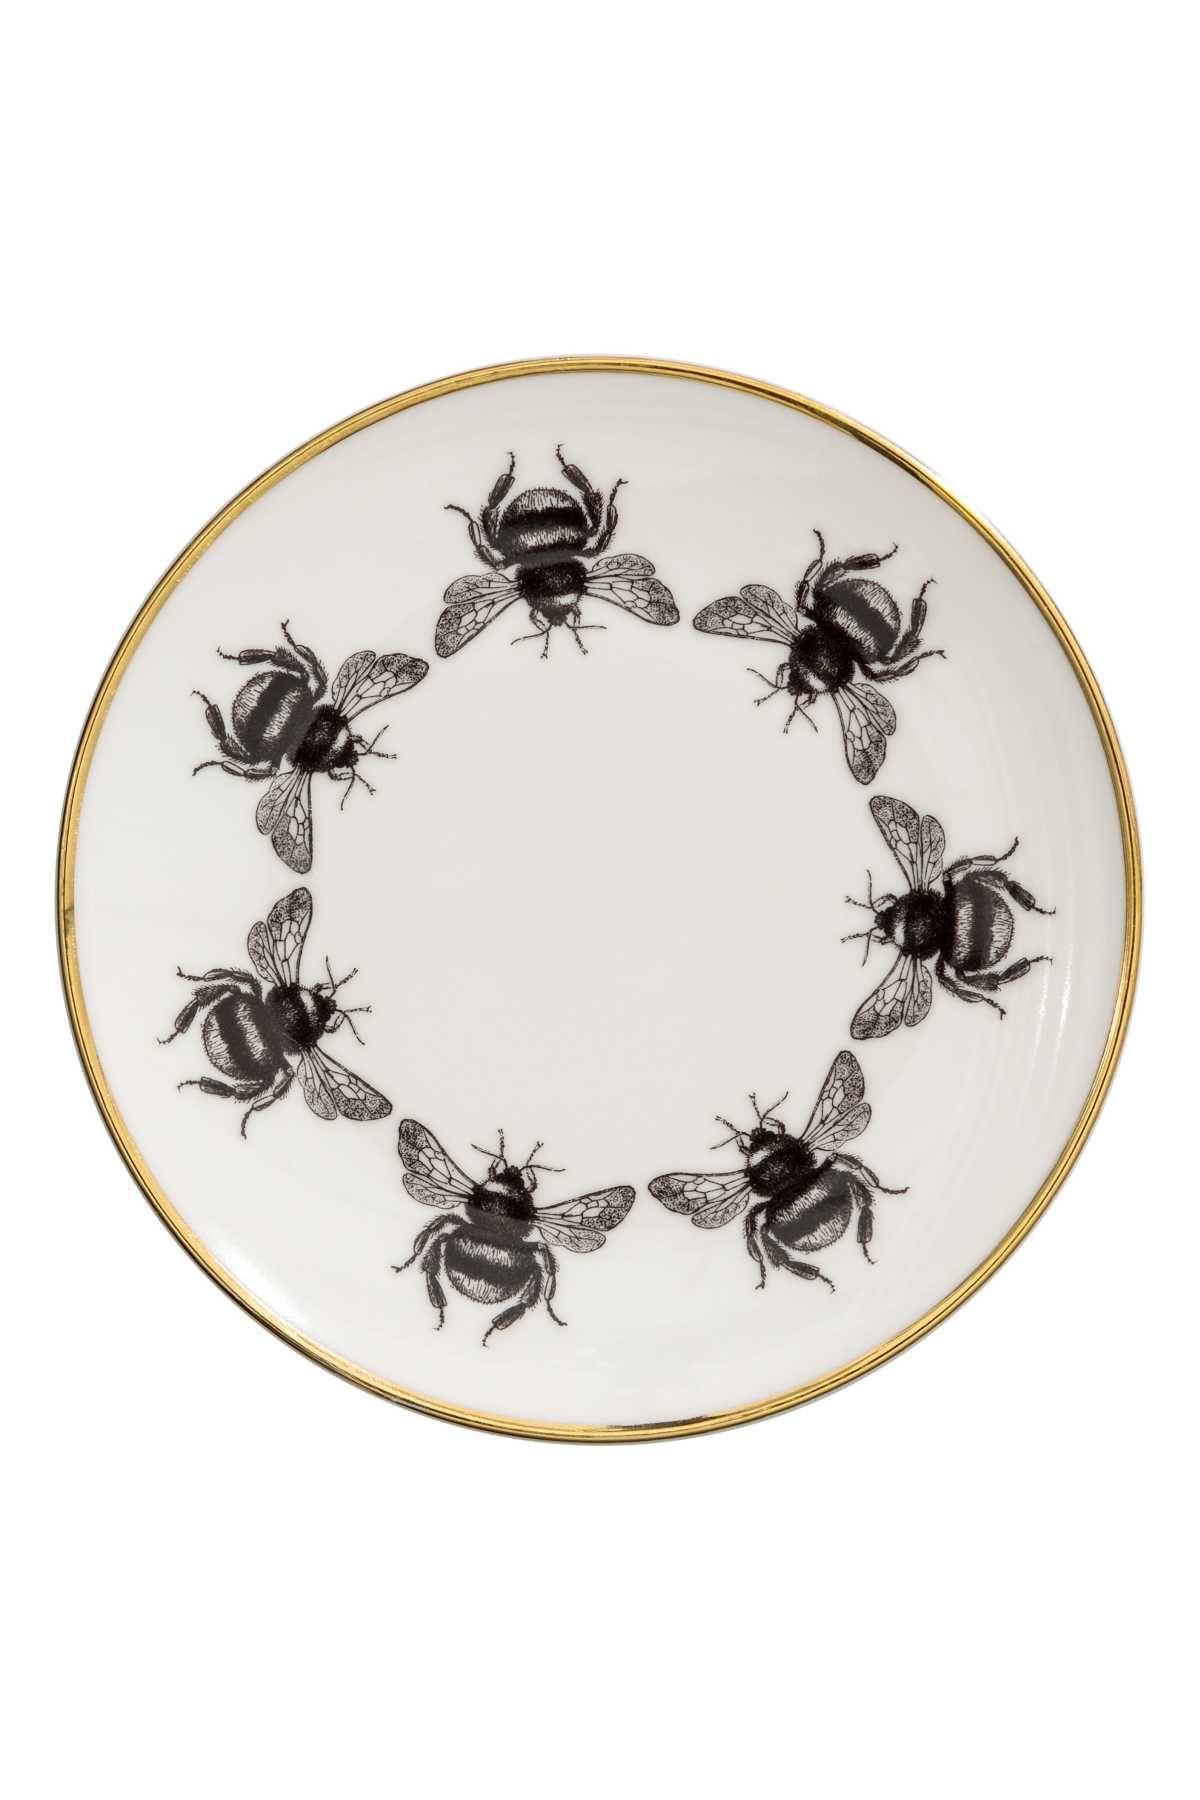 Weiss Bienen Kleiner Teller Aus Bedrucktem Porzellan Mit